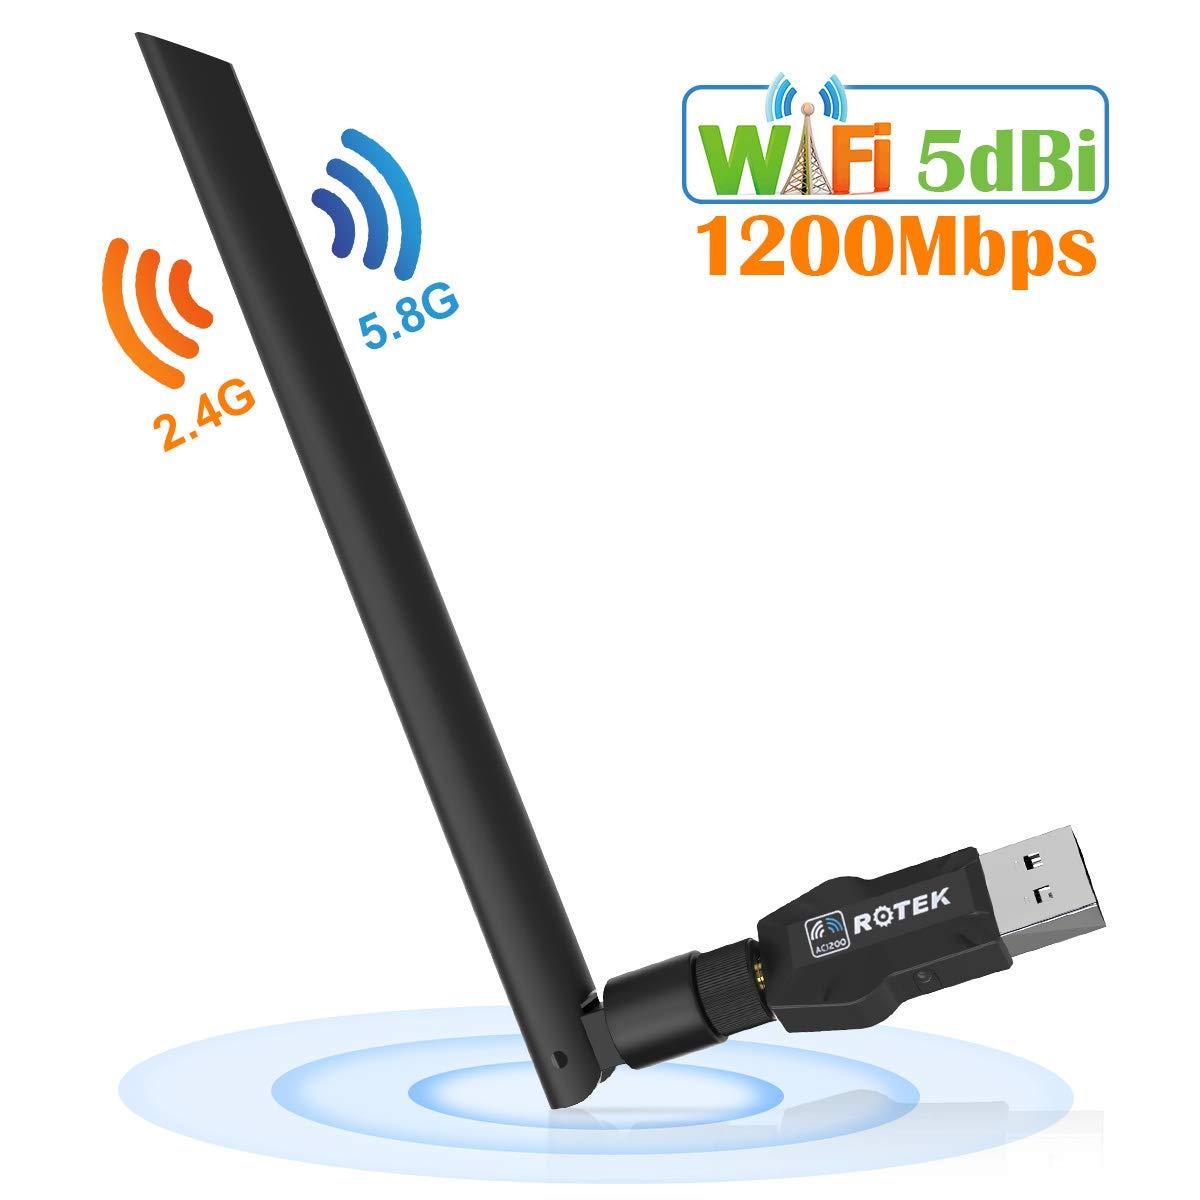 ROTEK Adaptador USB WiFi 1200 Mbps, USB 3.0 WiFi Dongle Adaptador con 5dBi Antena, Dual Band 5G/867Mbps + 2.4G/300Mbps, Soporte Windows XP/Vista/7/8/10, Mac OS Shen Zhen Rui Sheng Ke Ji You Xian Gong Si